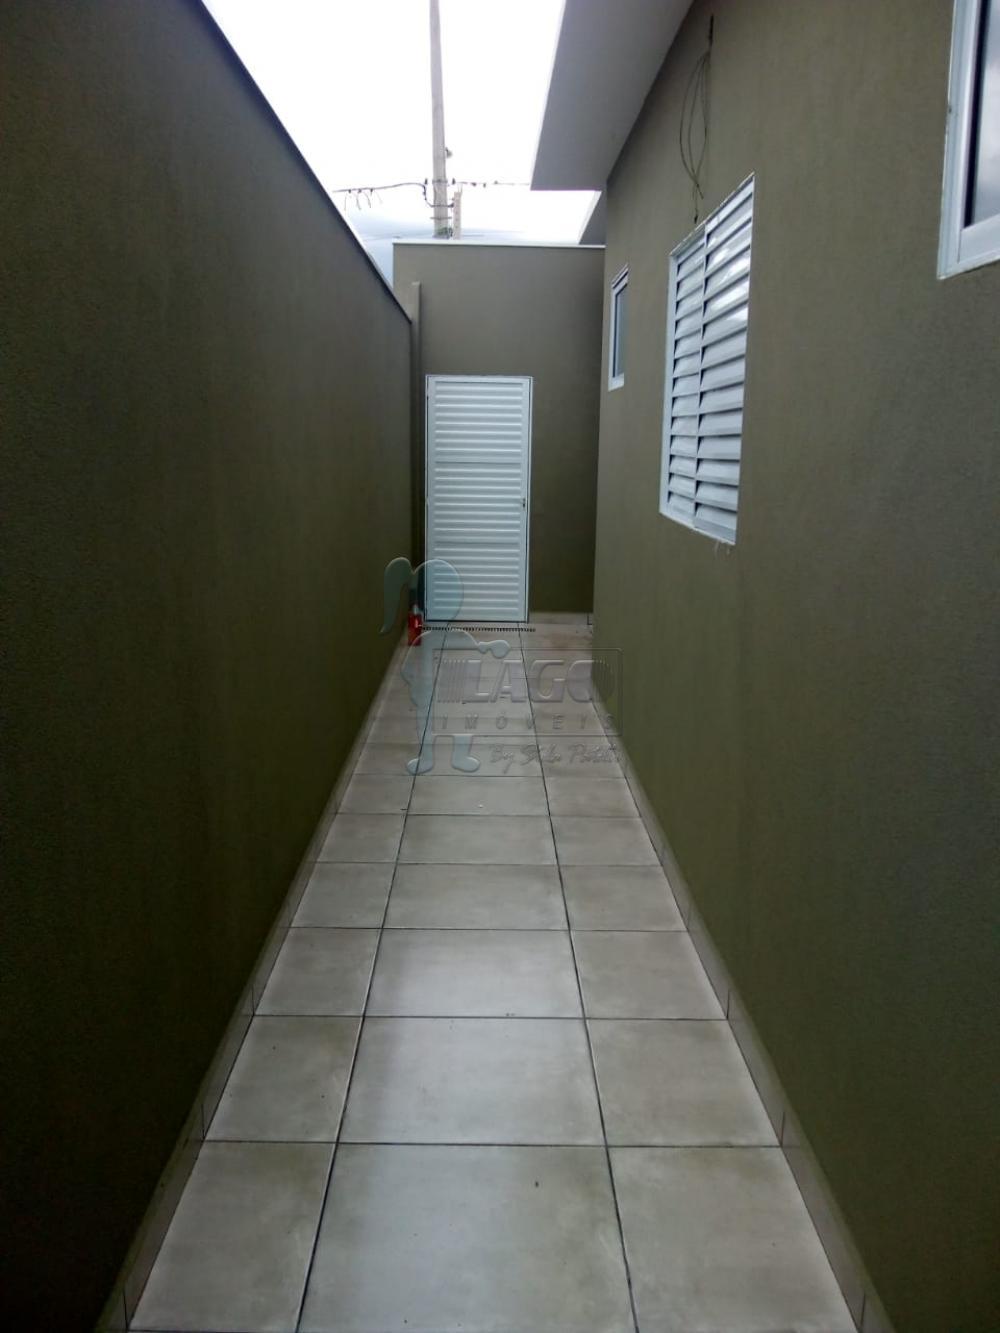 Comprar Casas / Padrão em Bonfim Paulista apenas R$ 369.000,00 - Foto 14